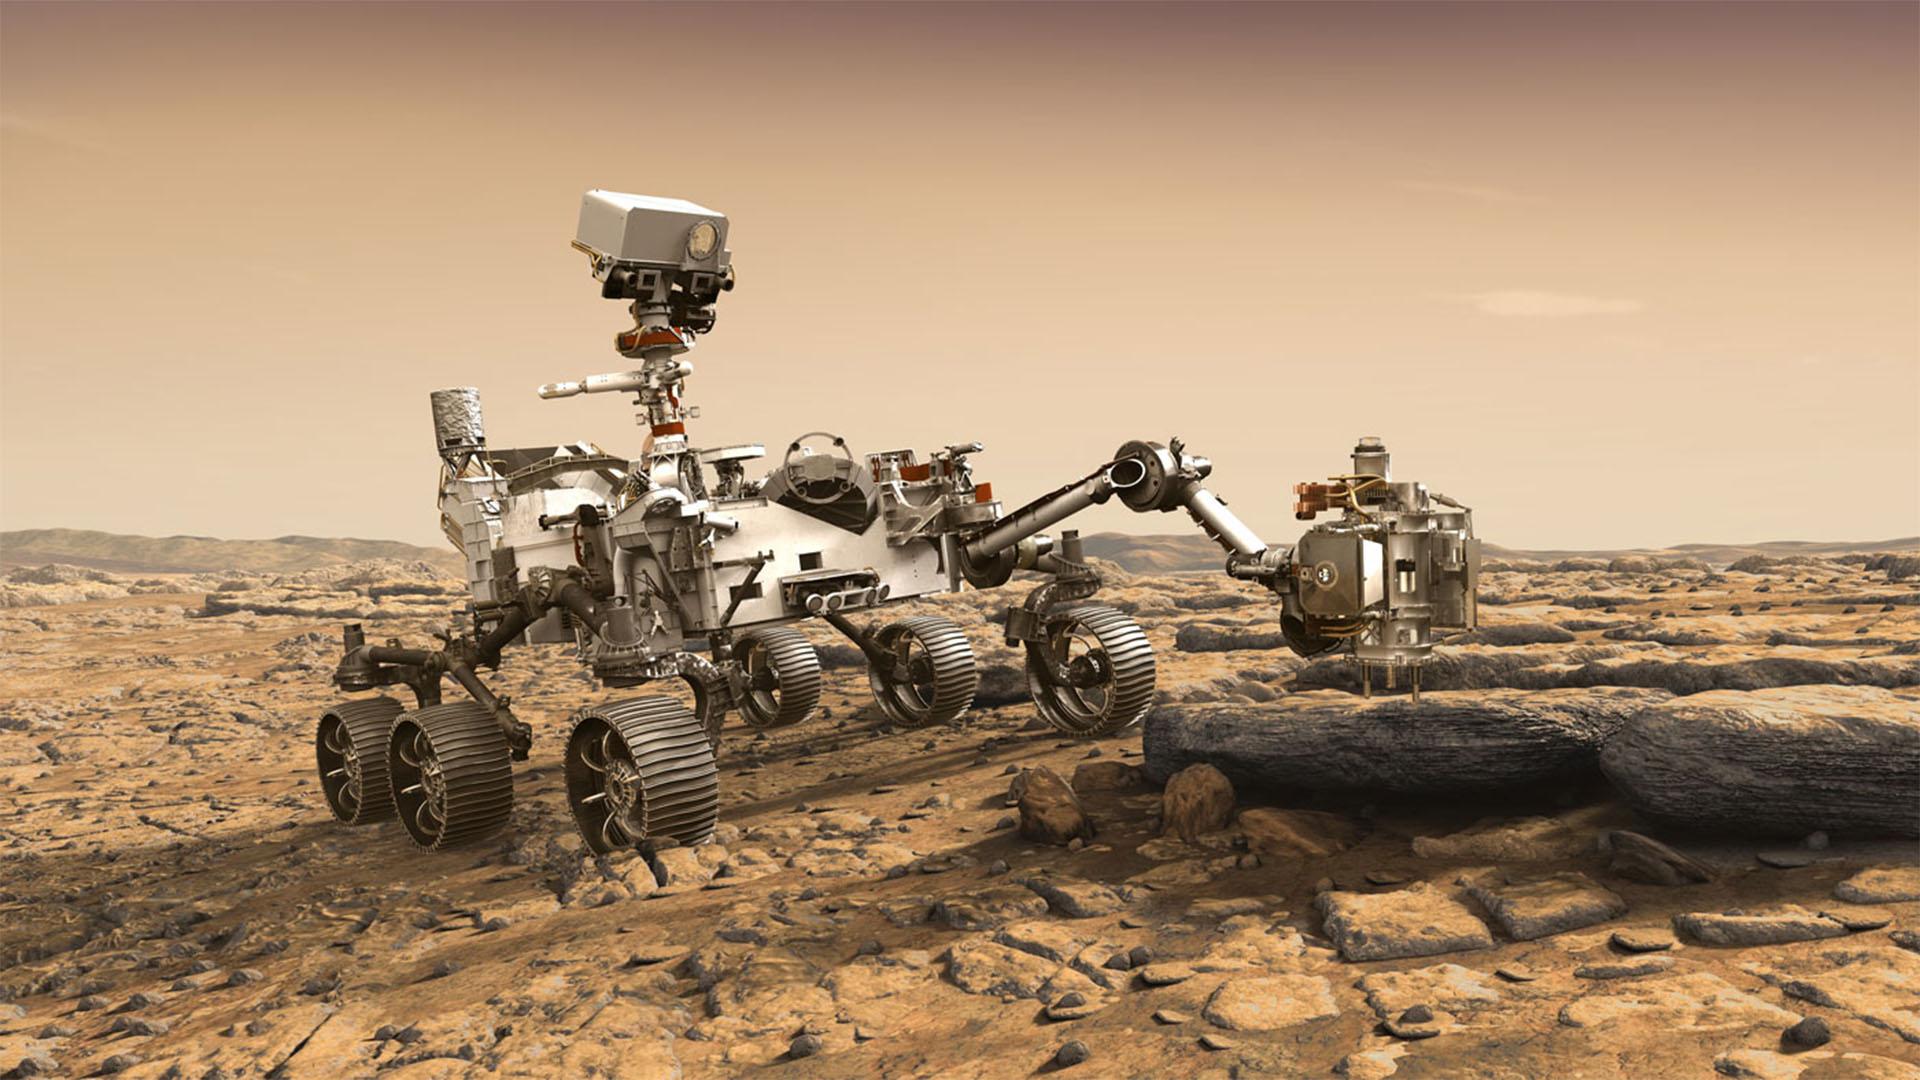 Íme a NASA marsjárón elrejtett titkos üzenet